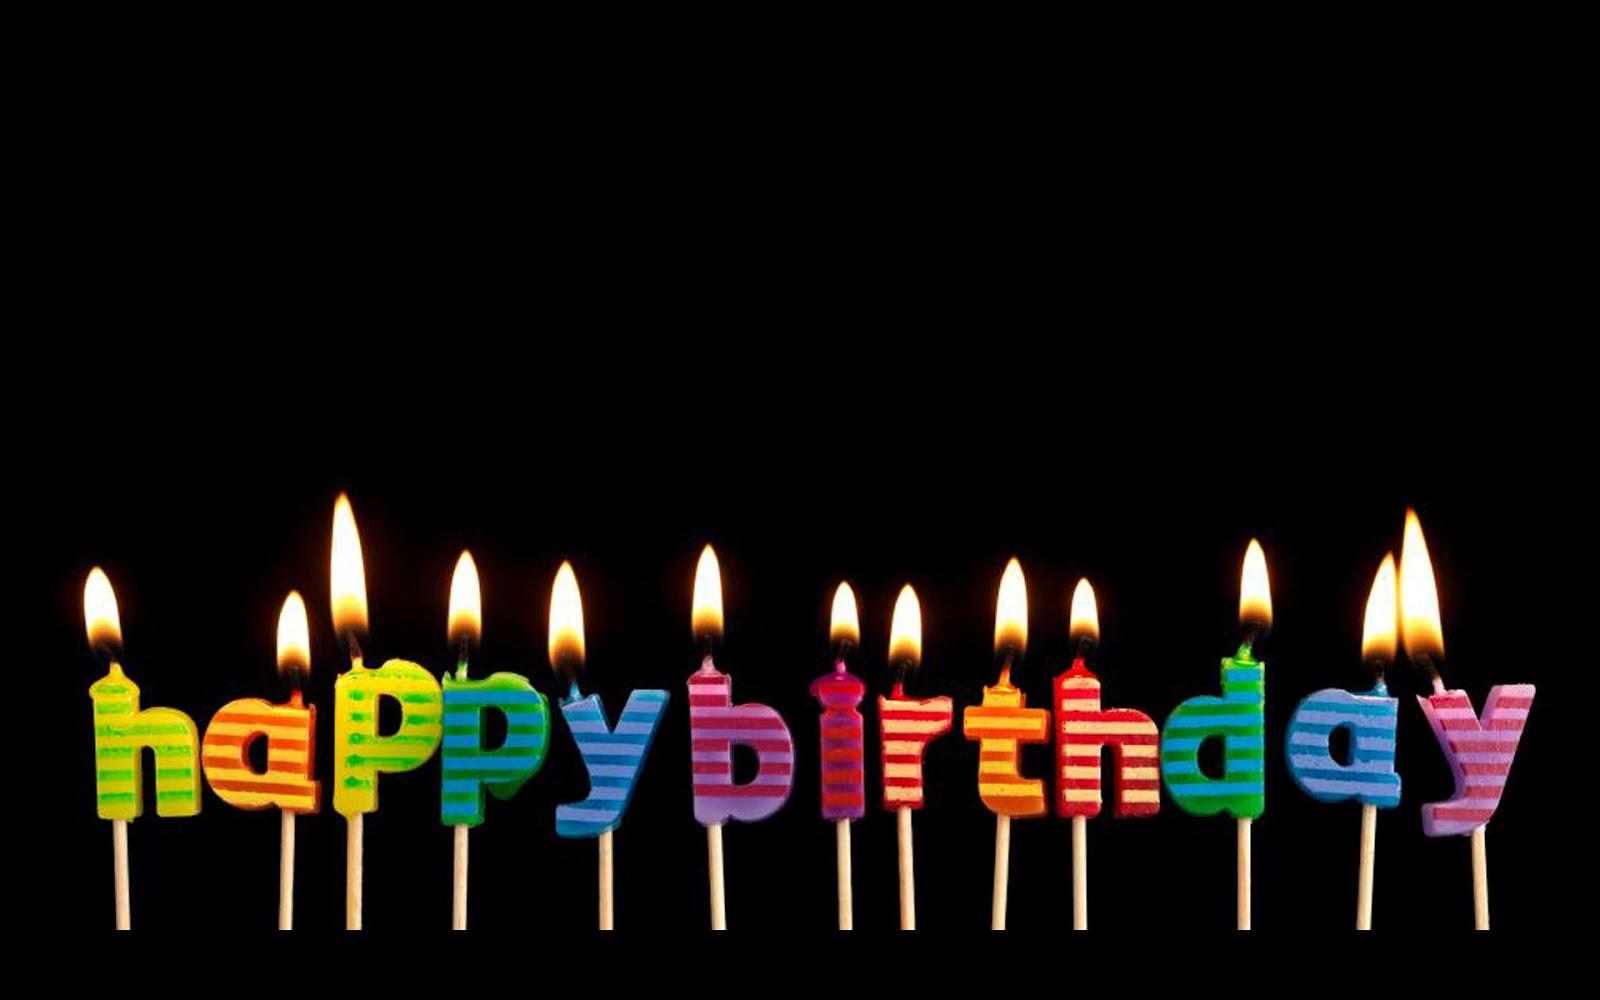 Поздравления с днем рождения для мадин